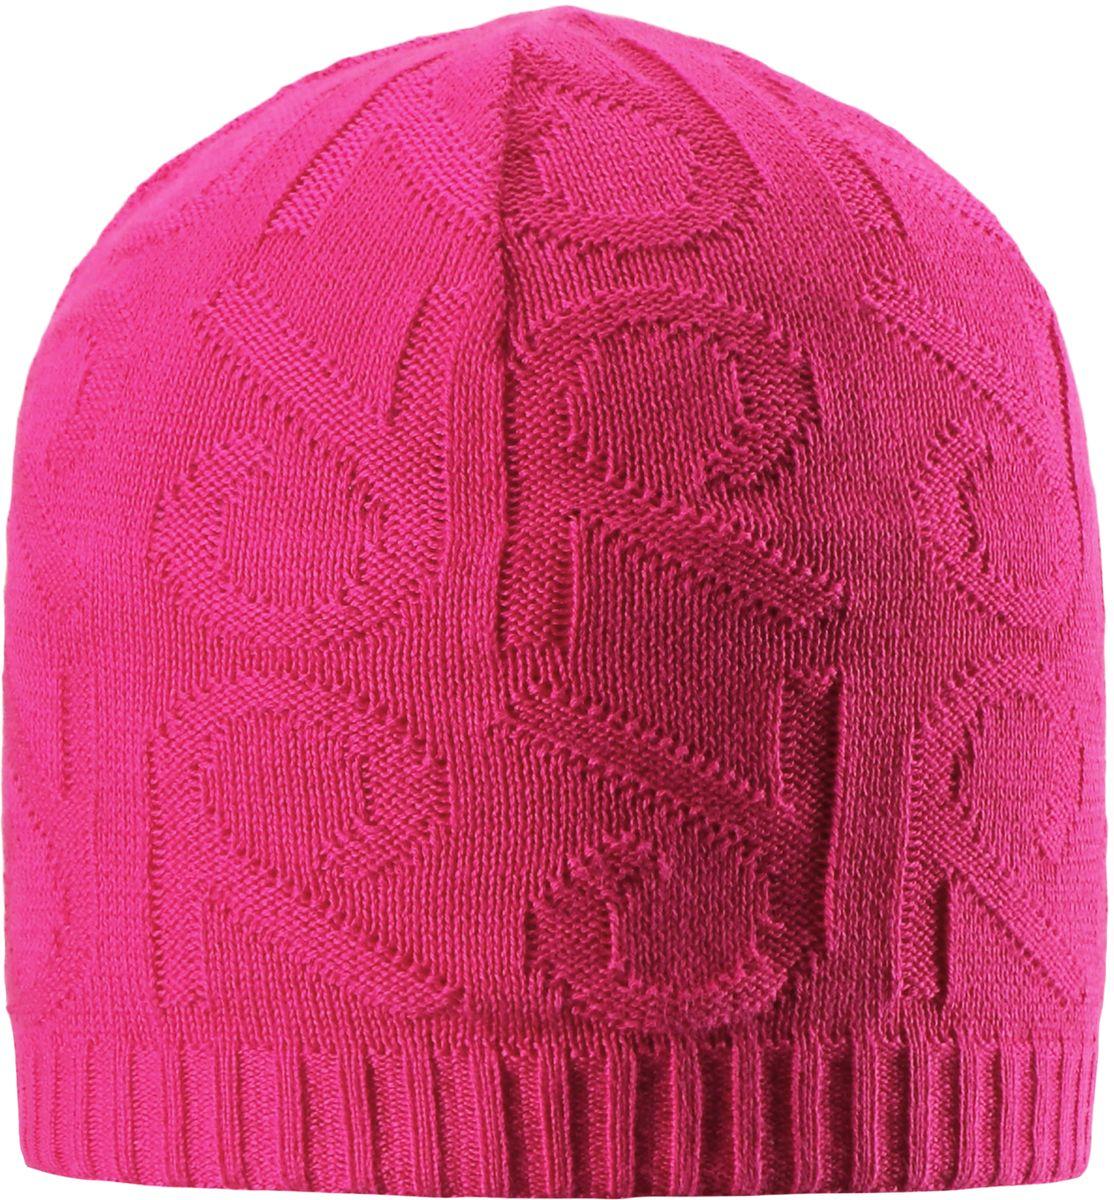 Шапка детская Reima Ankkuri, цвет: розовый. 5285114620. Размер 565285114620Стильная вязаная шапочка для малышей подходит на все случаи жизни. Благодаря модному рисунку она отлично сочетается с разными вариантами одежды. Полуподкладка из хлопчатобумажного трикотажа гарантирует тепло, а ветронепроницаемые вставки между верхним слоем и подкладкой, защищают уши. Светоотражающие детали помогут лучше разглядеть ребенка в темное время суток.